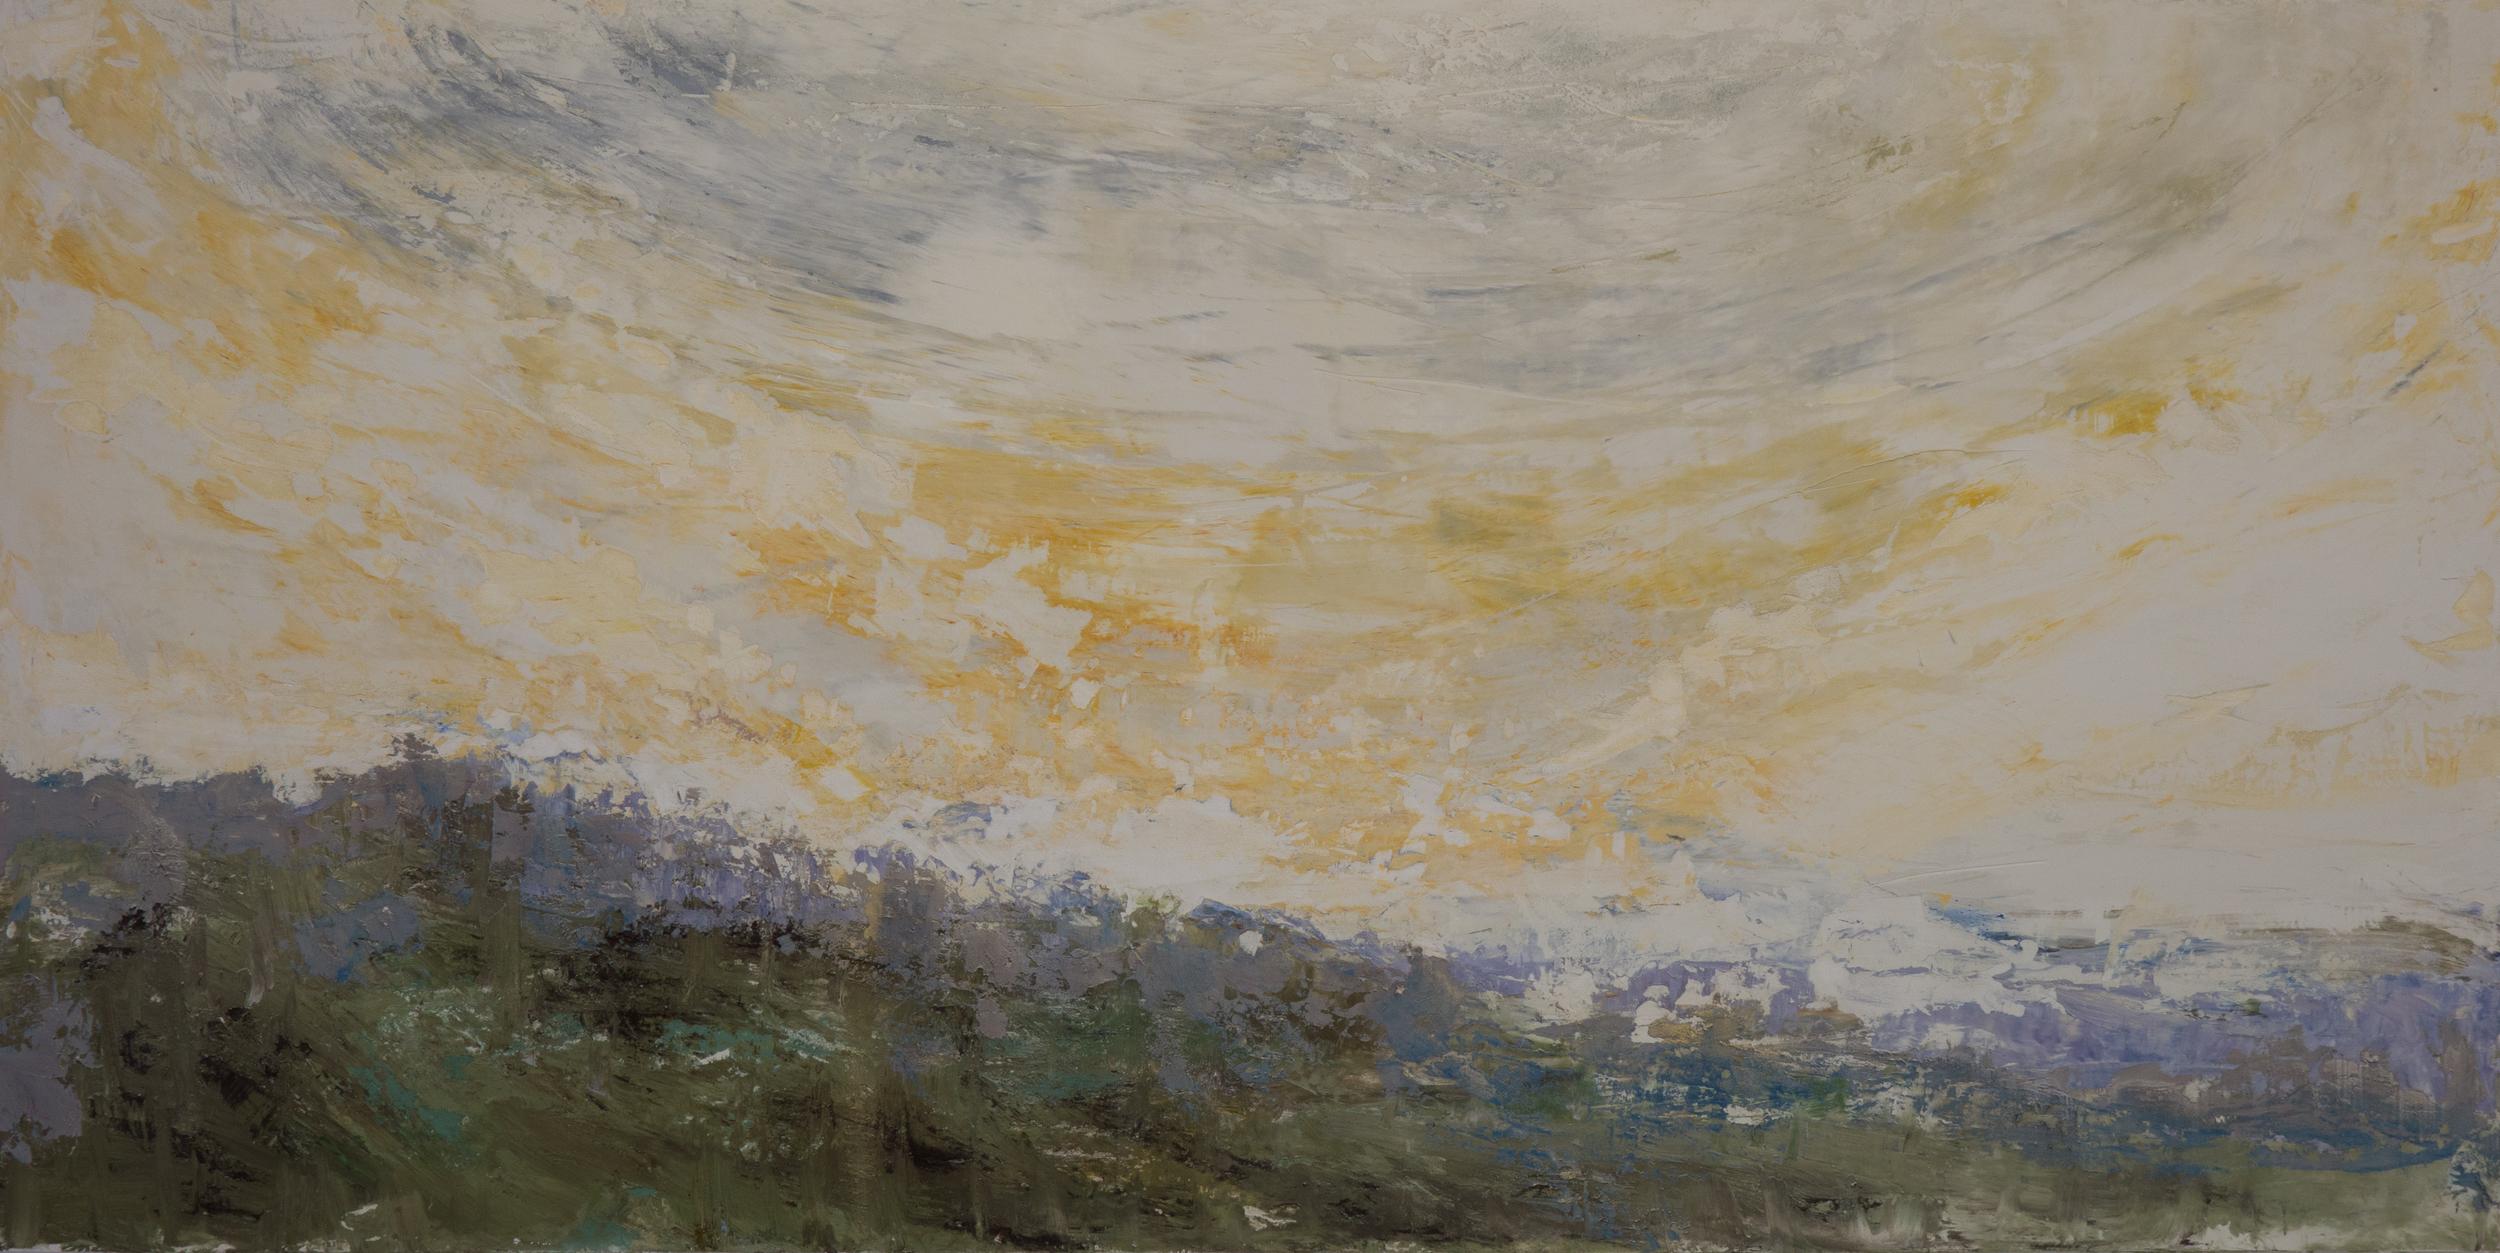 SV-045, Shelley Vanderbyl,Facing a Wider Dawn,2016,Fresco on Panel,48x96